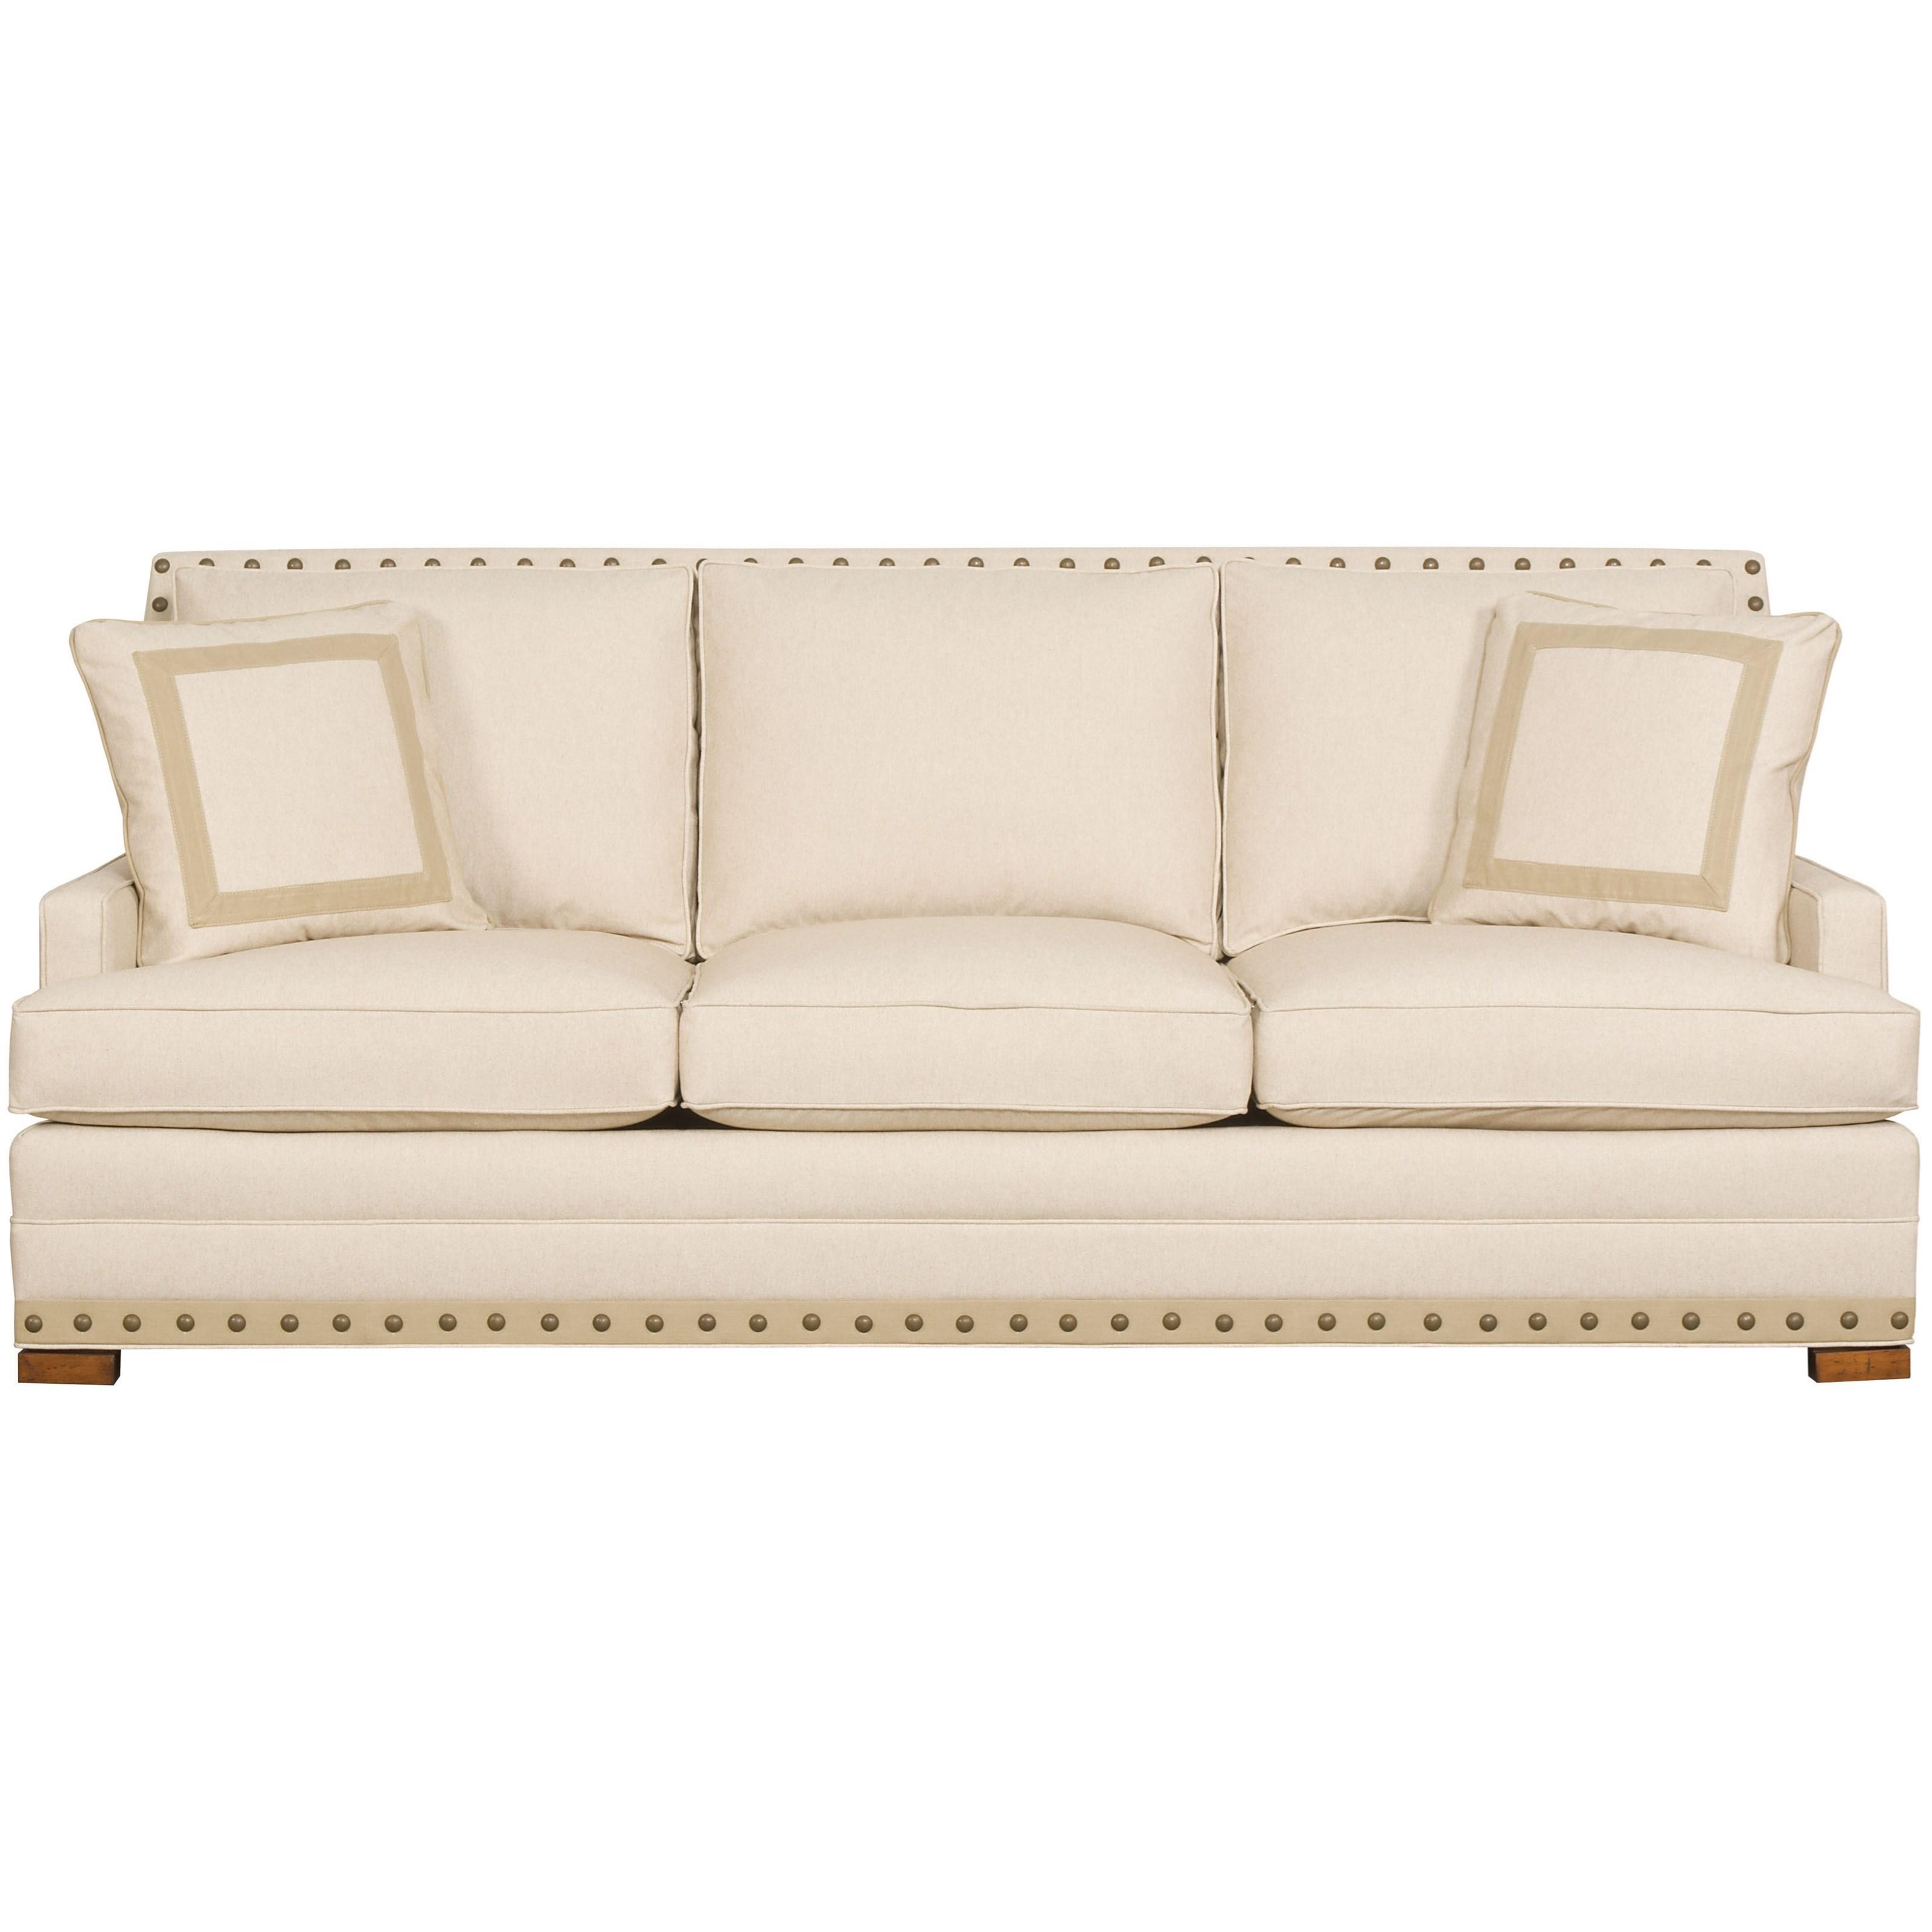 Riverside 3 Seat Sofa